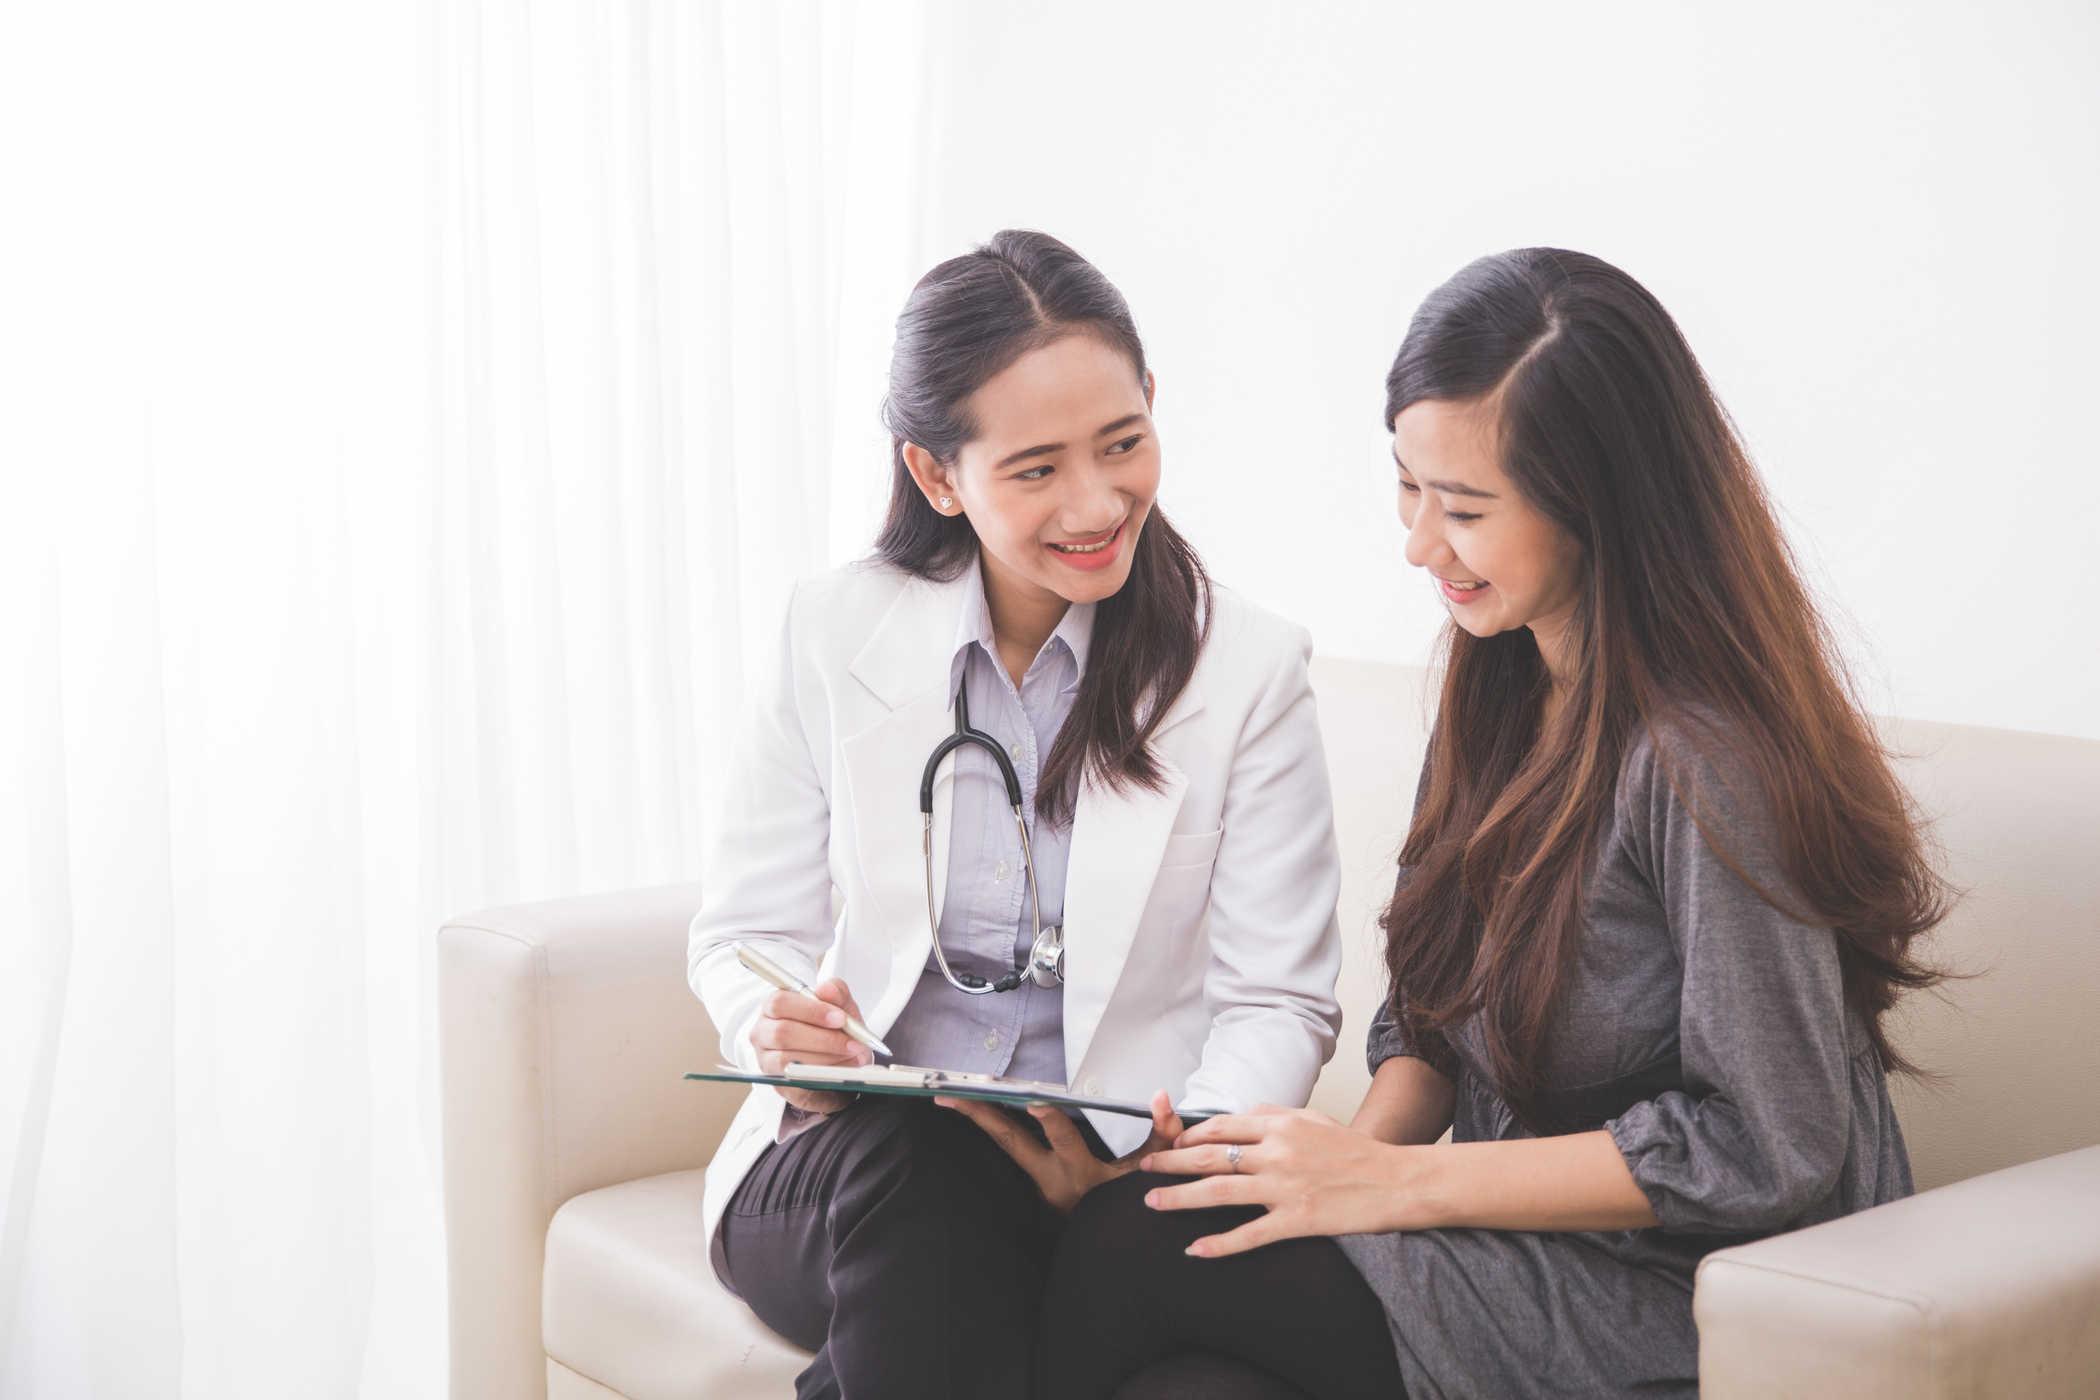 Cách điều trị dứt điểm u xơ tử cung hiệu quả nhất